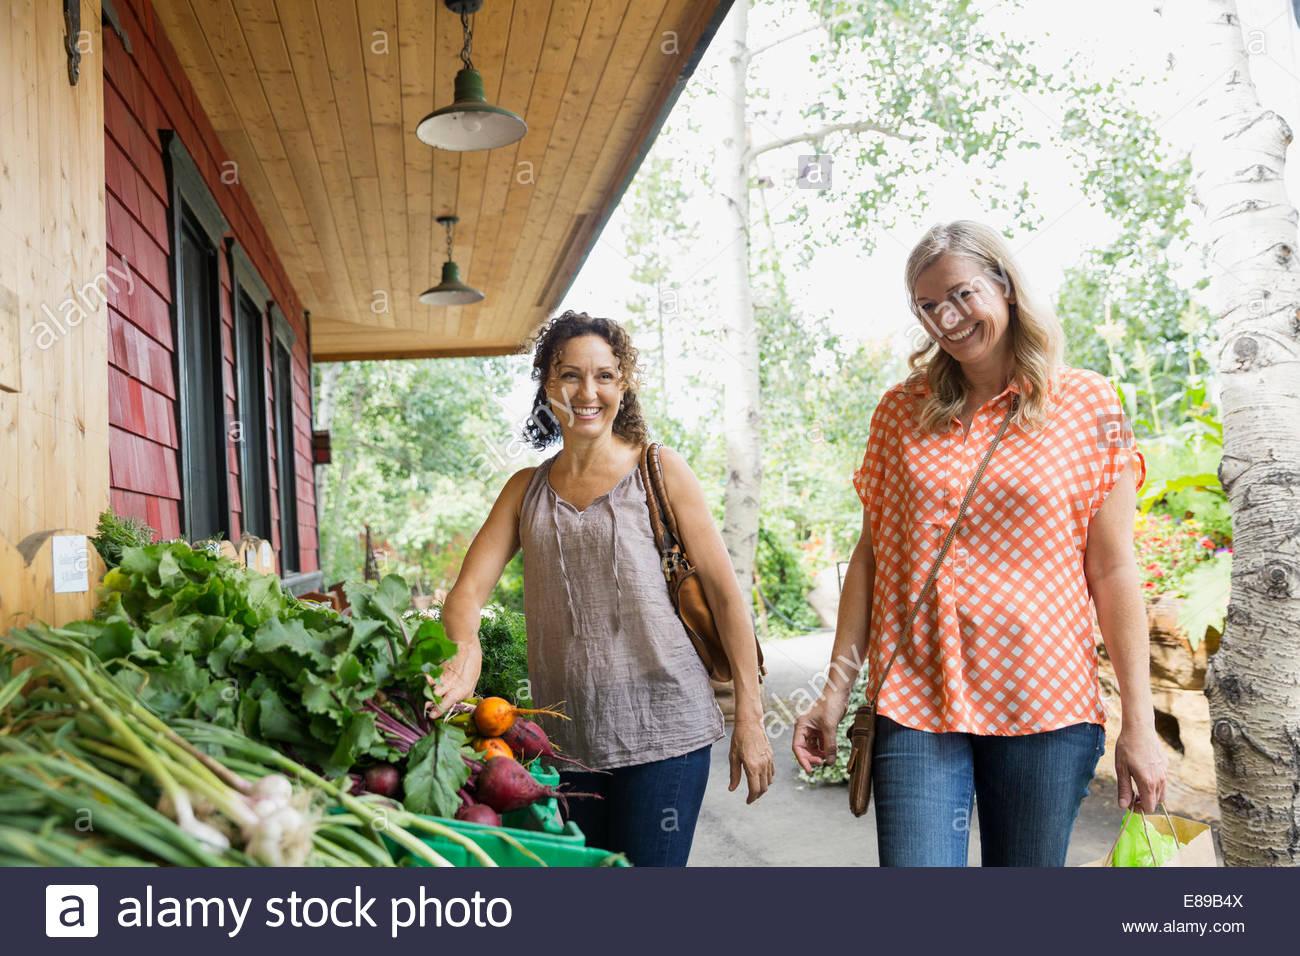 Mujer sonriente compras para producir mercado exterior Imagen De Stock